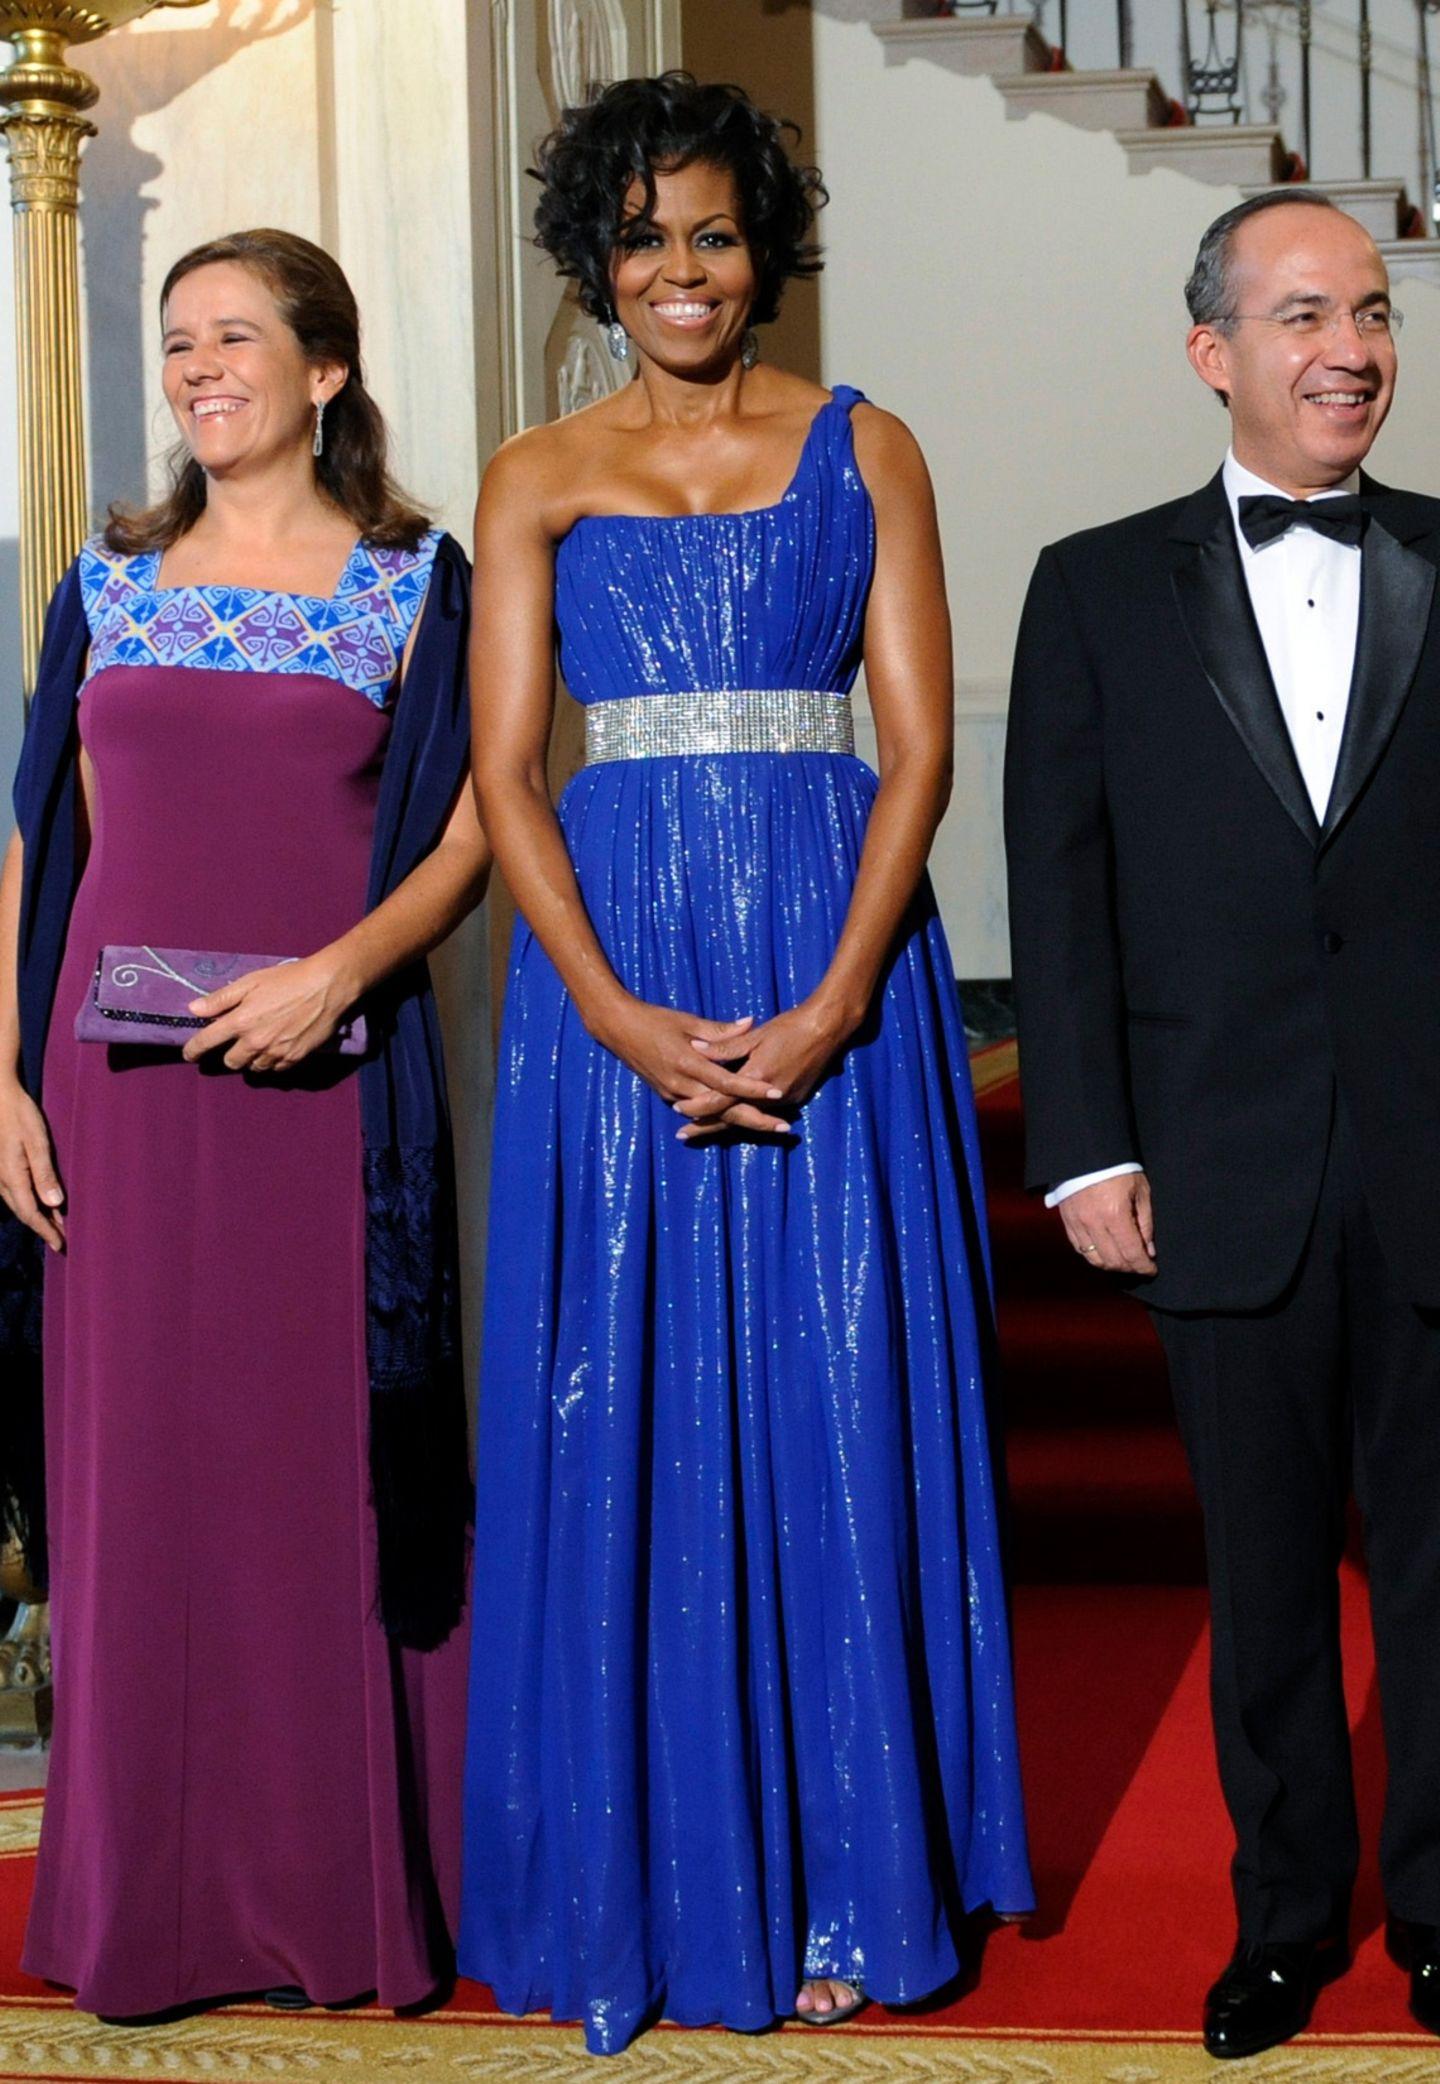 Beim Staatsdinner zum Empfang des mexikanischen Präsidenten Felipe Calderon und seiner Frau Margarita überstrahlt Michelle alle Gäste in diesem blauen Glamour-Kleid.